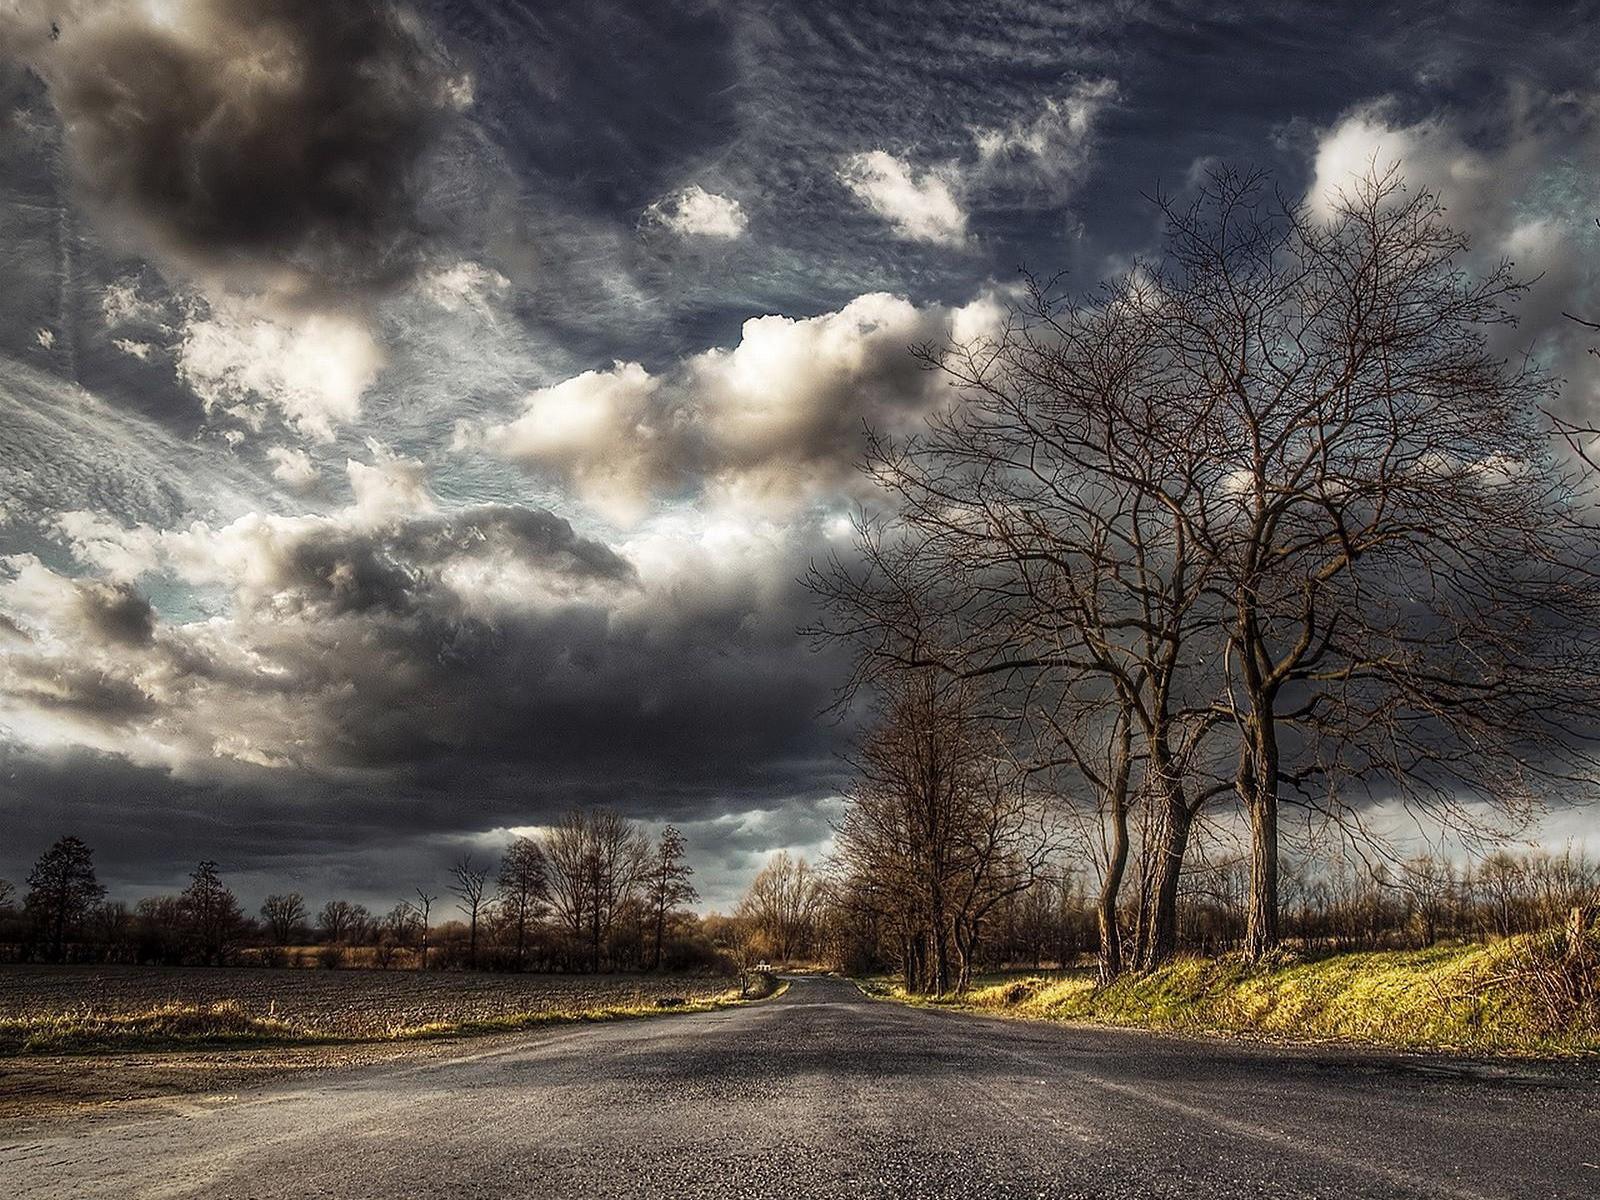 так несколько красивые картинки пасмурной погоды лучшим способом провести